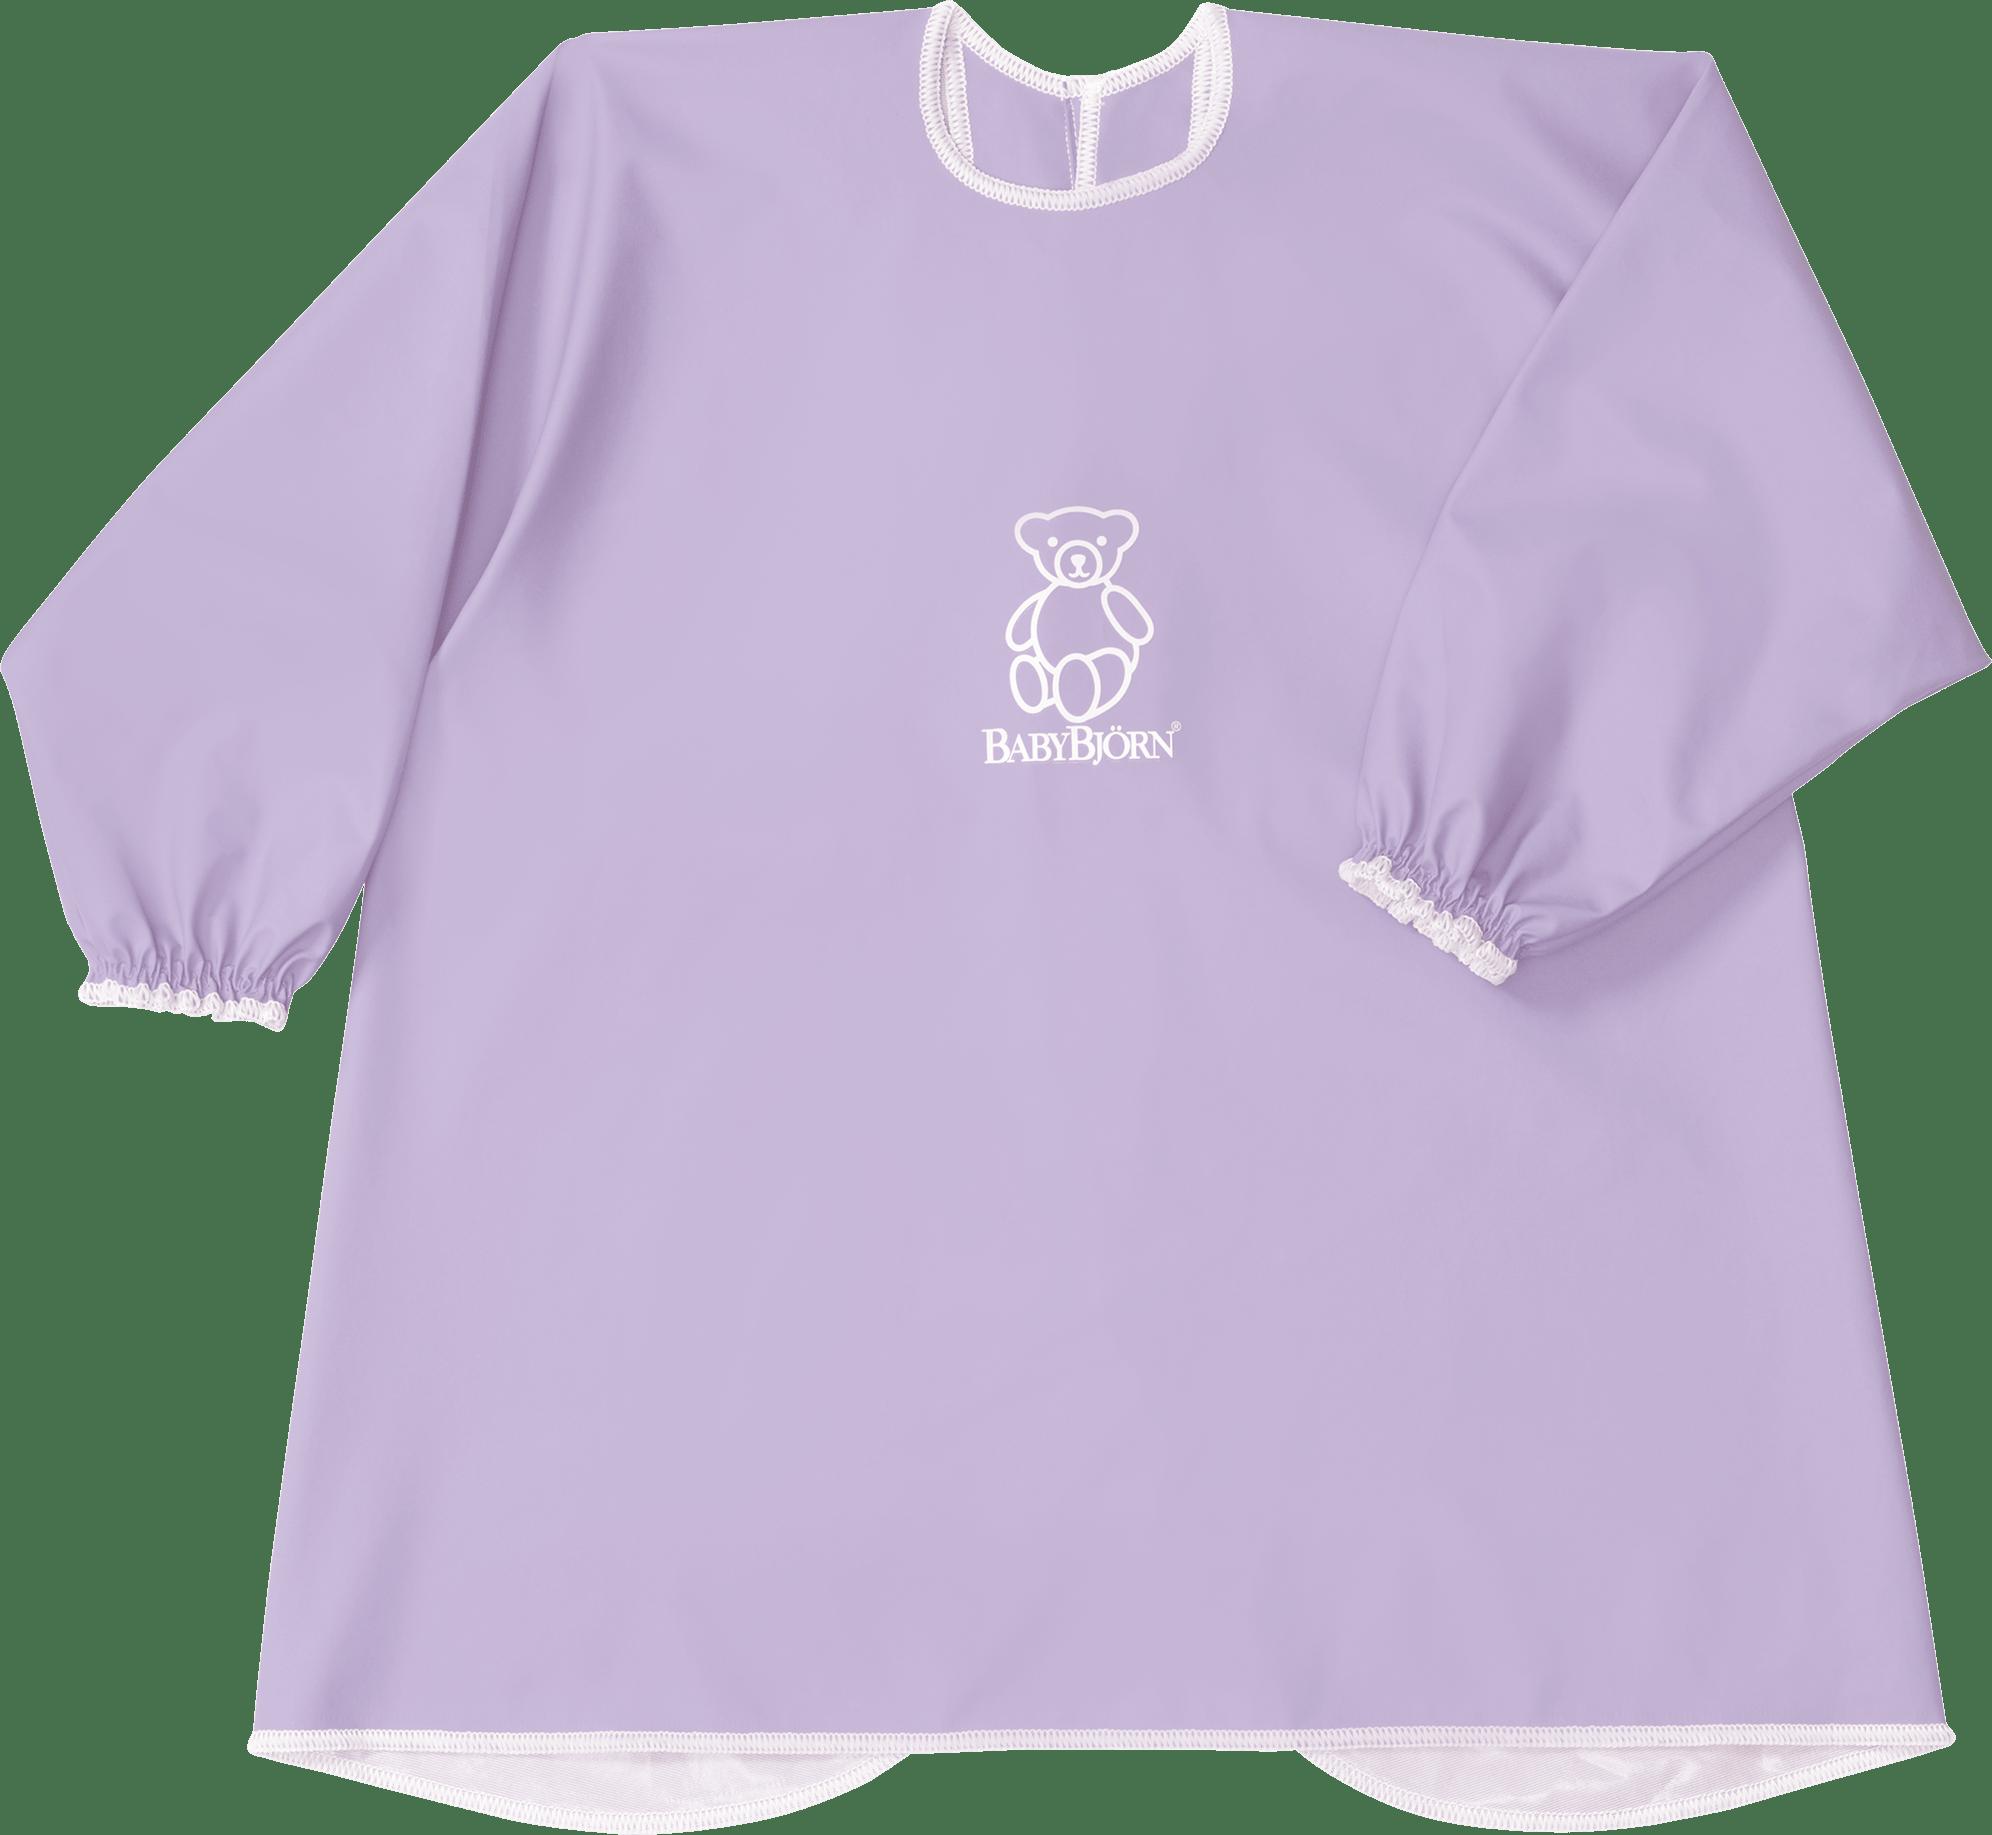 BABYBJÖRN Barnförkläde i lila BPA-fri plast, haklapp och förkläde i ett, skyddar både fram och bak.